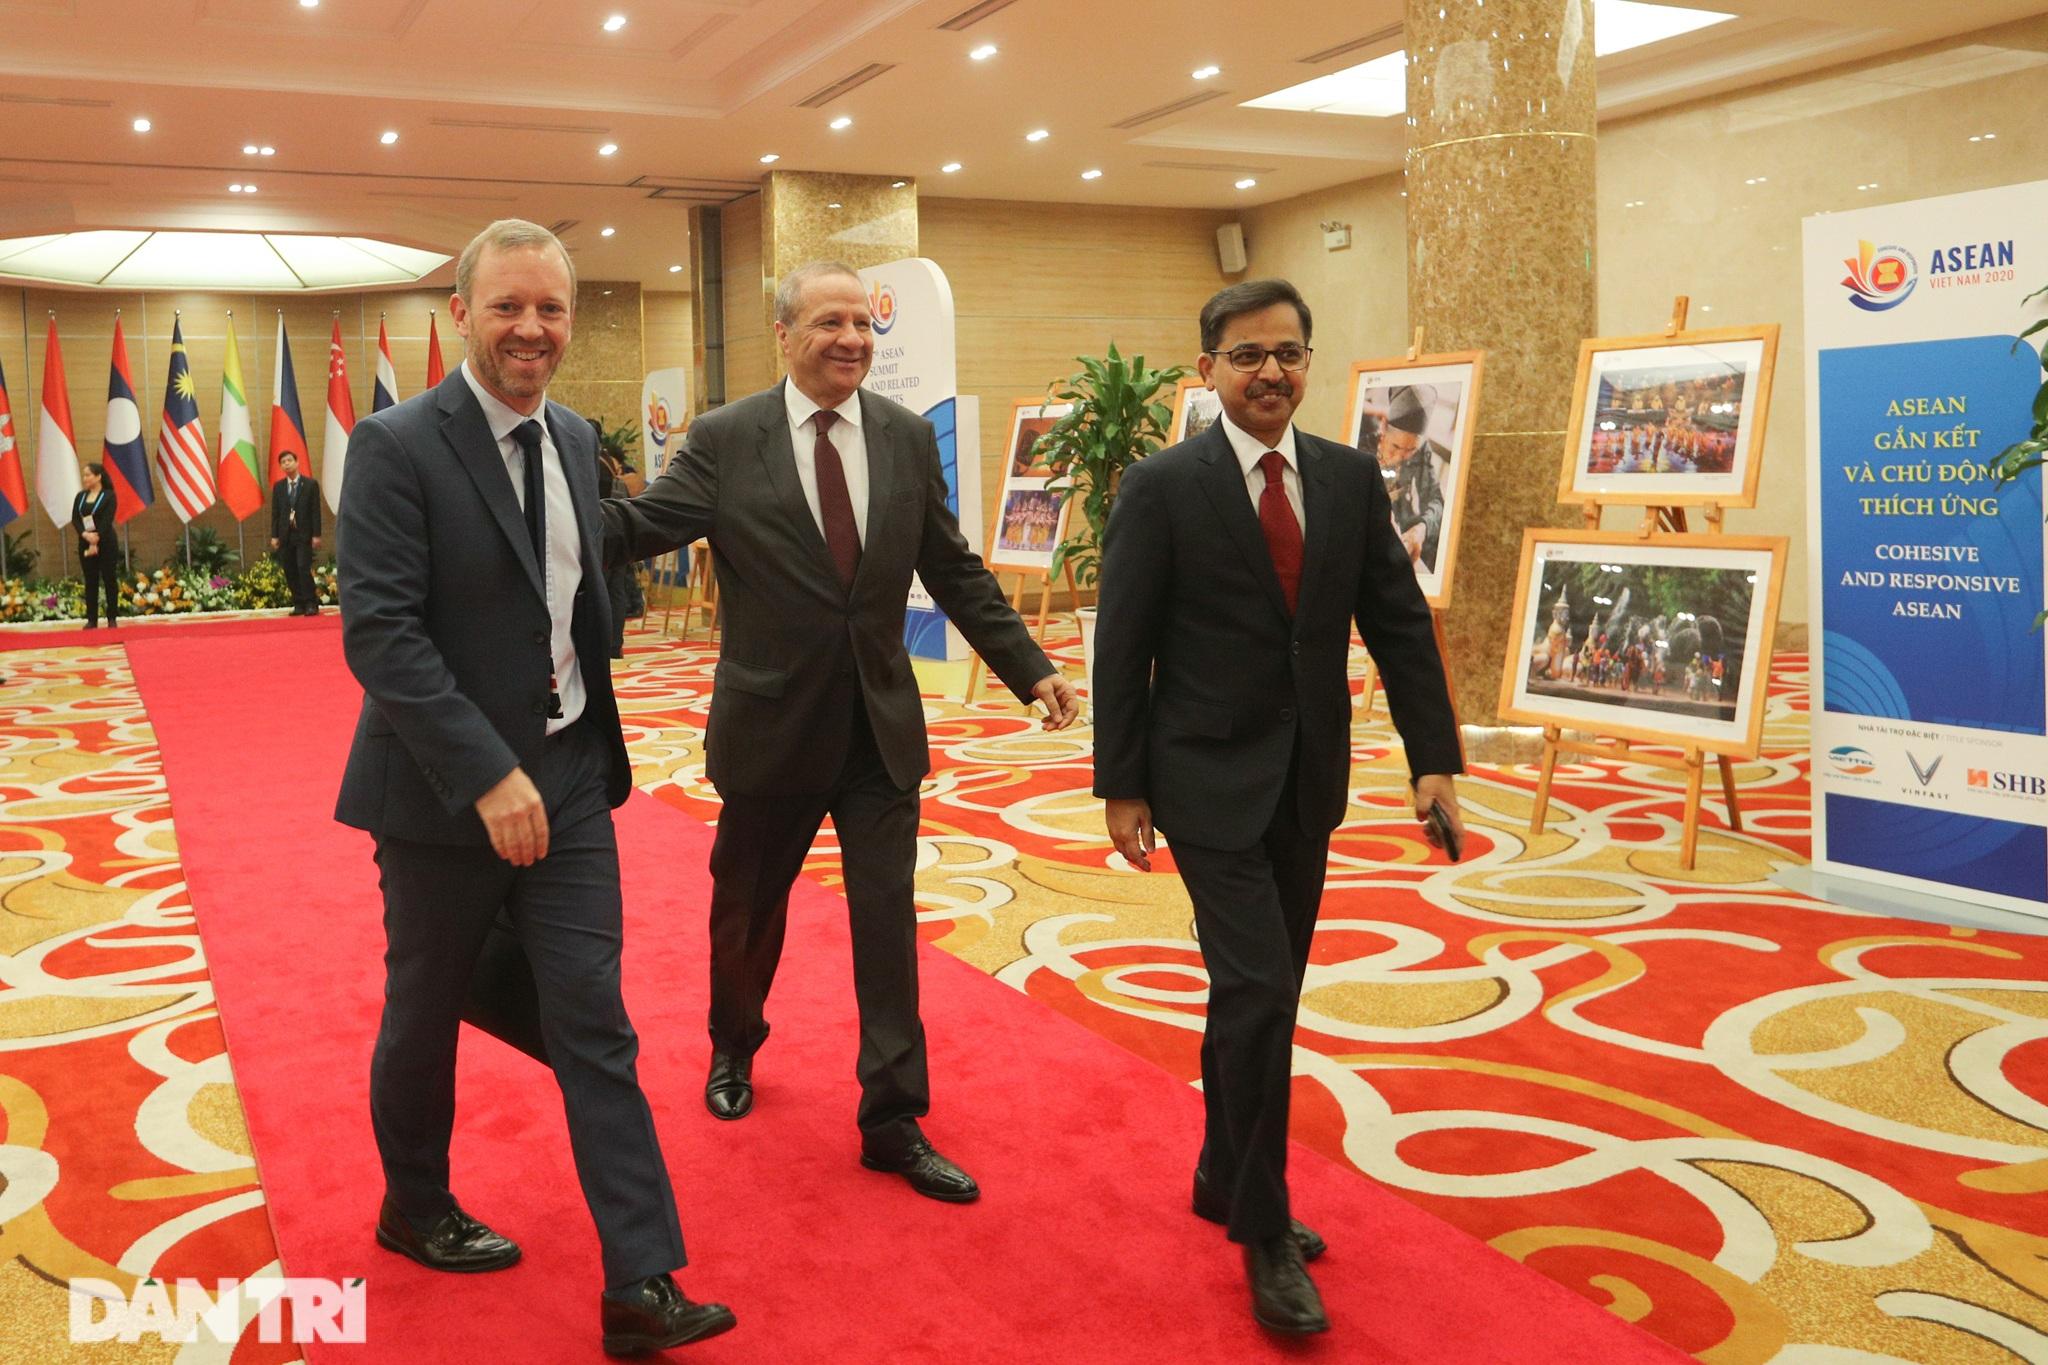 Lãnh đạo Đảng, Nhà nước dự khai mạc Hội nghị cấp cao ASEAN - 6